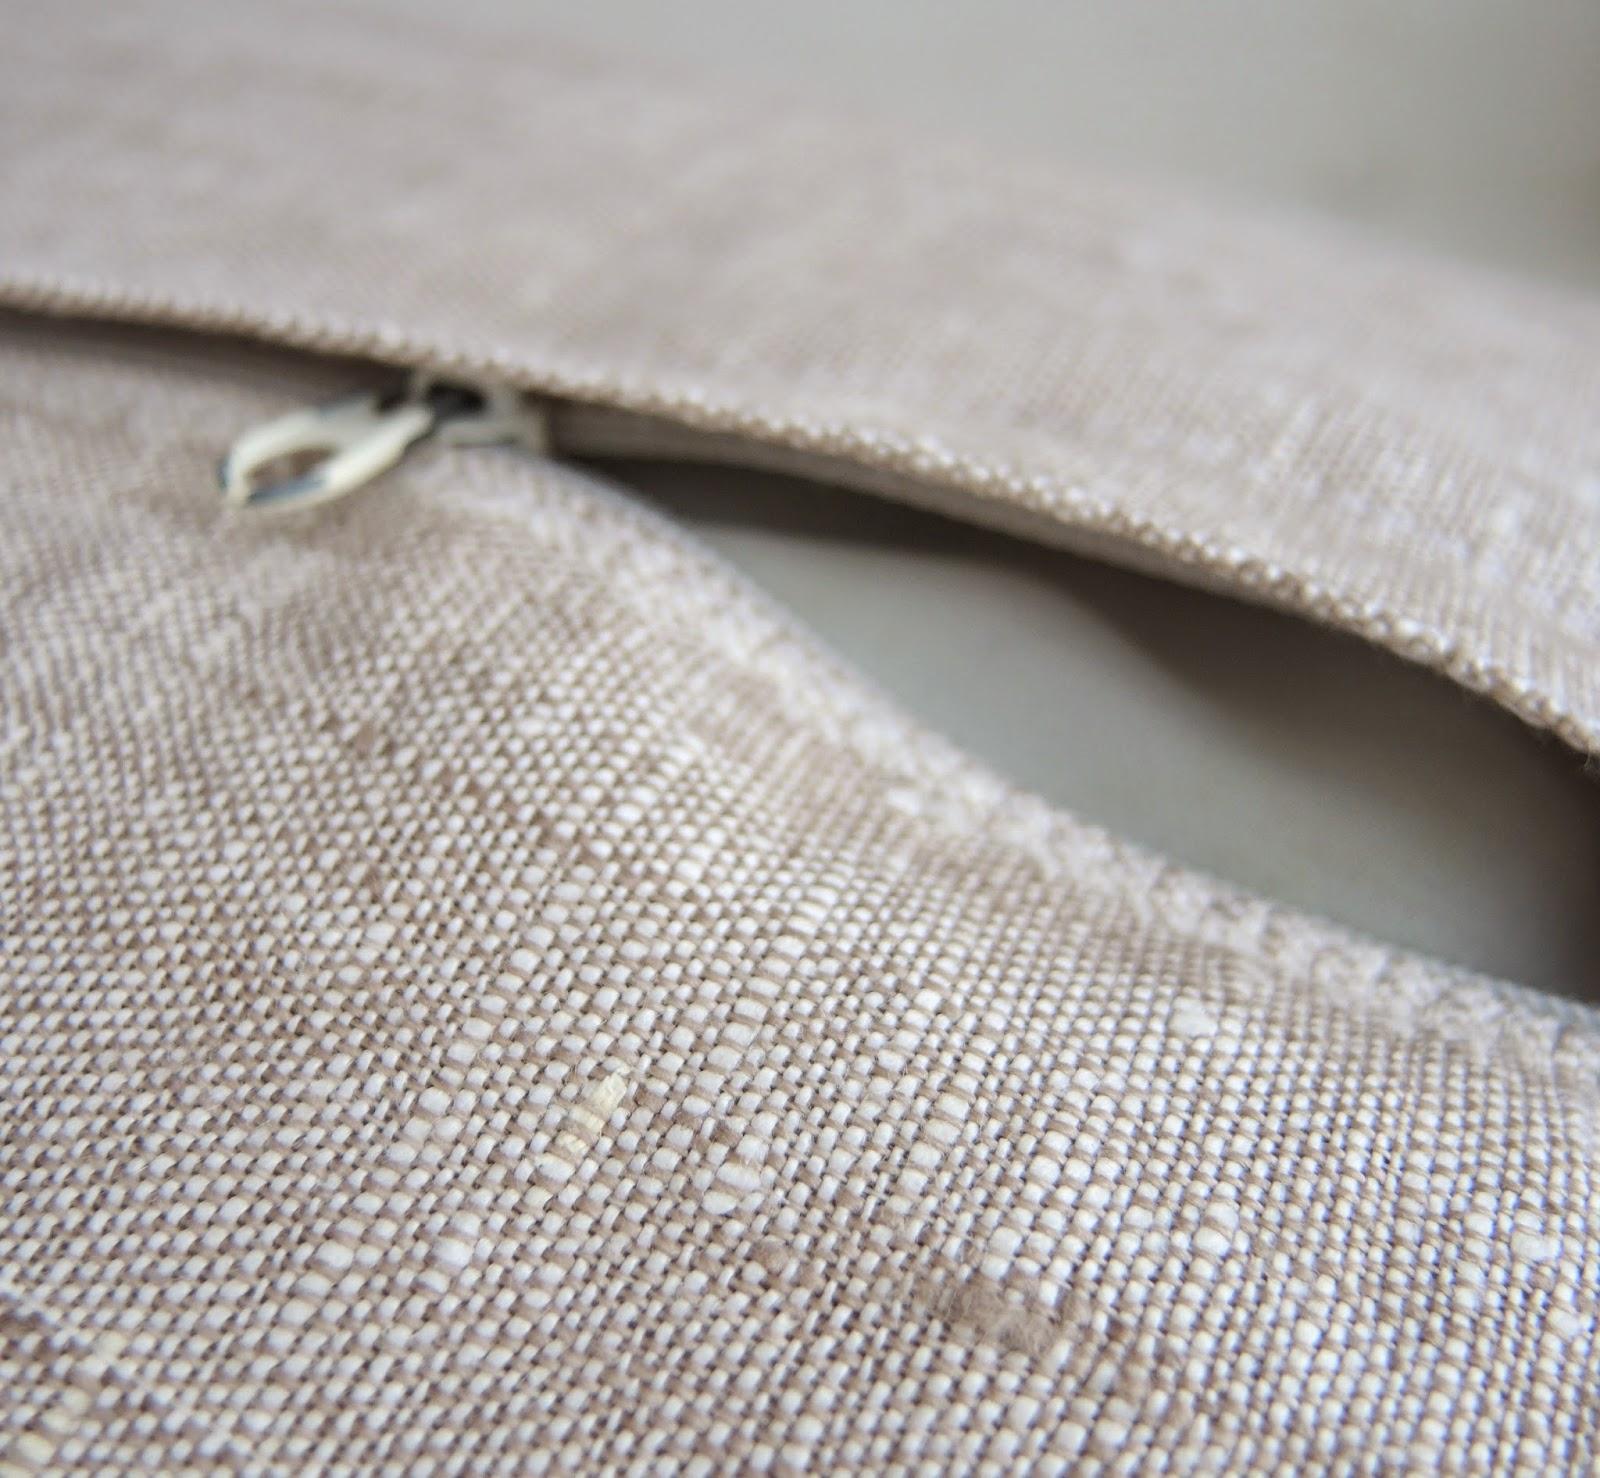 vishevka.jpg вышивка на подушке, вышивка крестом подушки, схемы вышивки подушки, вышивка крестом схемы подушки, подушки с вышивкой, вышивка диванных подушек, вышивка подушек крестом узоры, вышивка крестиком подушки, как сшить подушку с вышивкой, вышивка крестом орнаменты подушки, подушка своими руками с вышивкой.